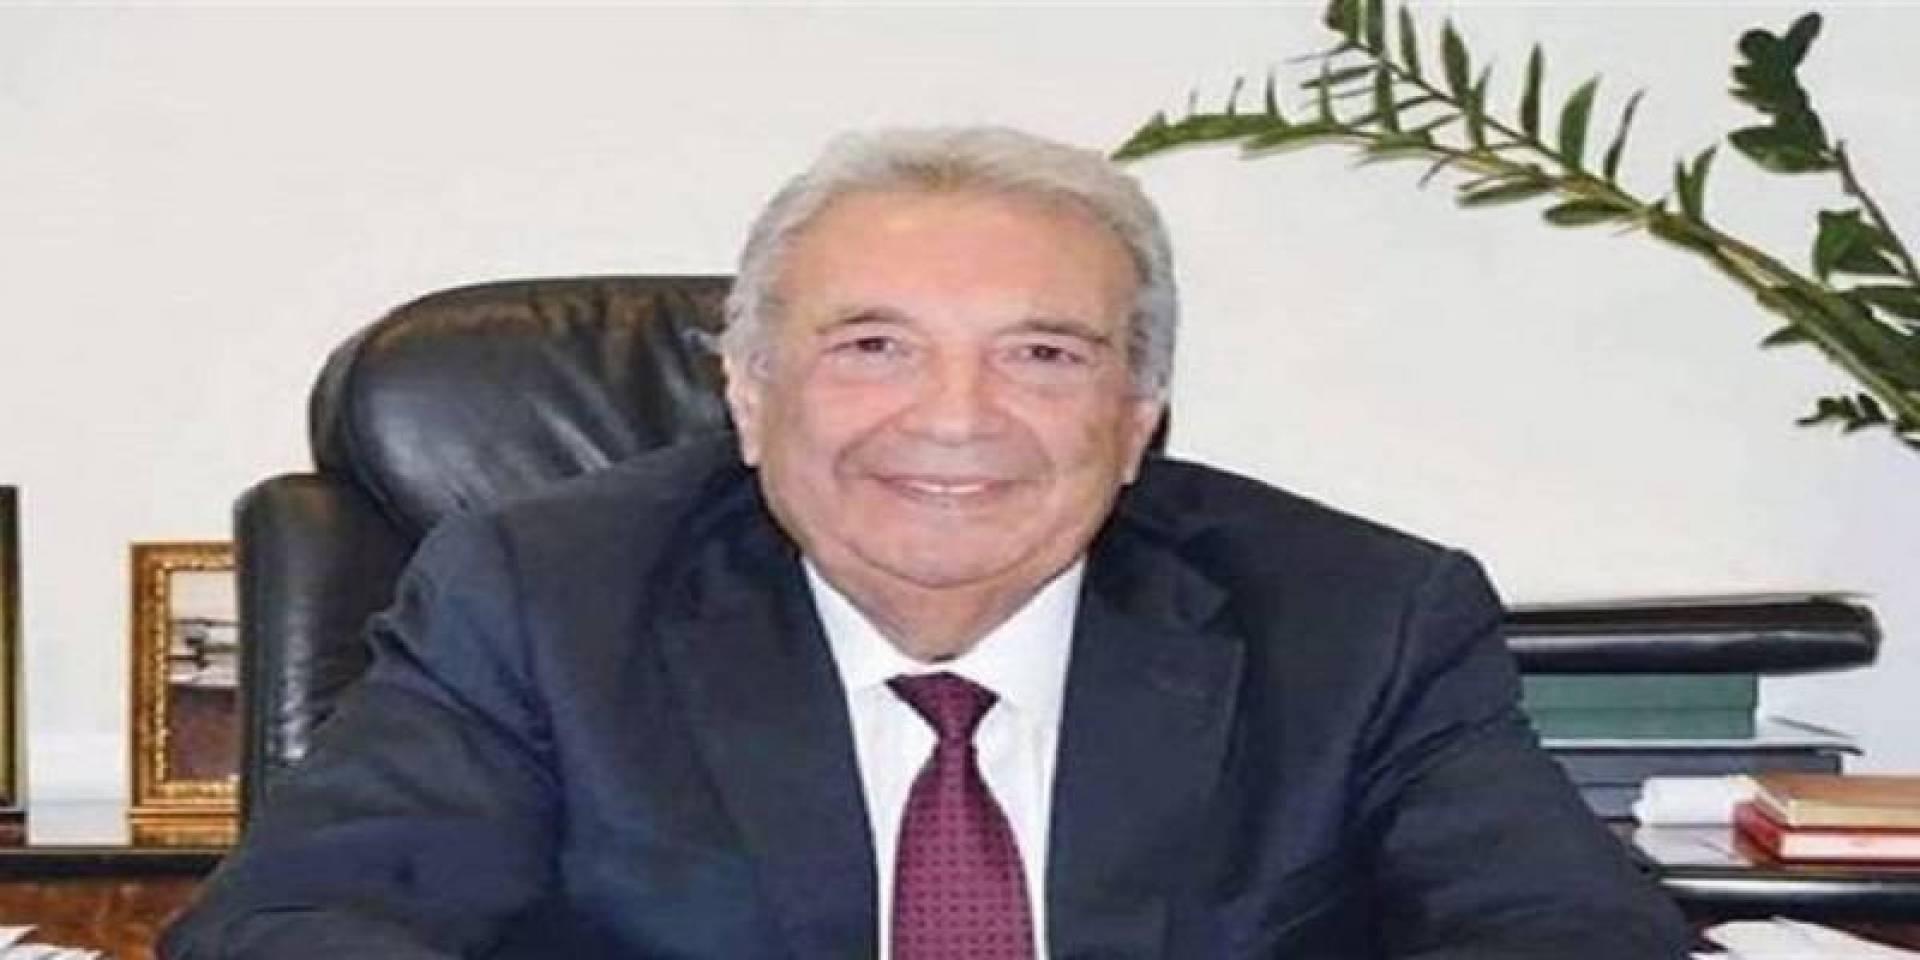 سمير الخطيب يعلن انسحابه من سباق الترشح لرئاسة الحكومة اللبنانية